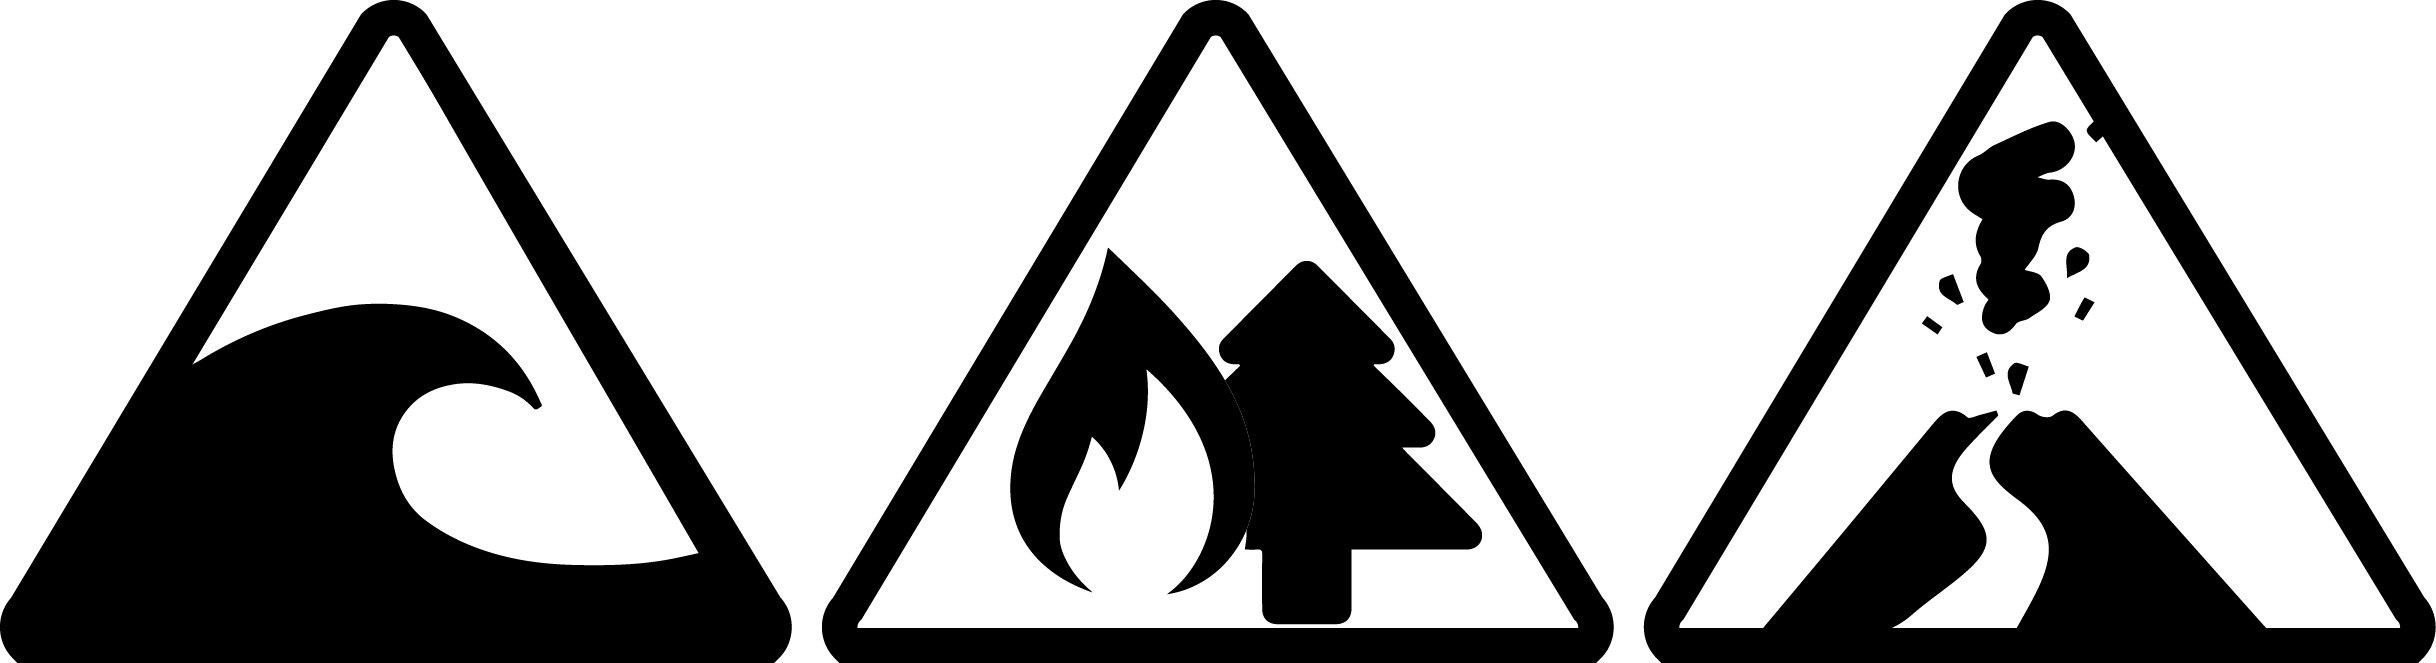 iconos emergencia tsunami incendio forestal y erupción